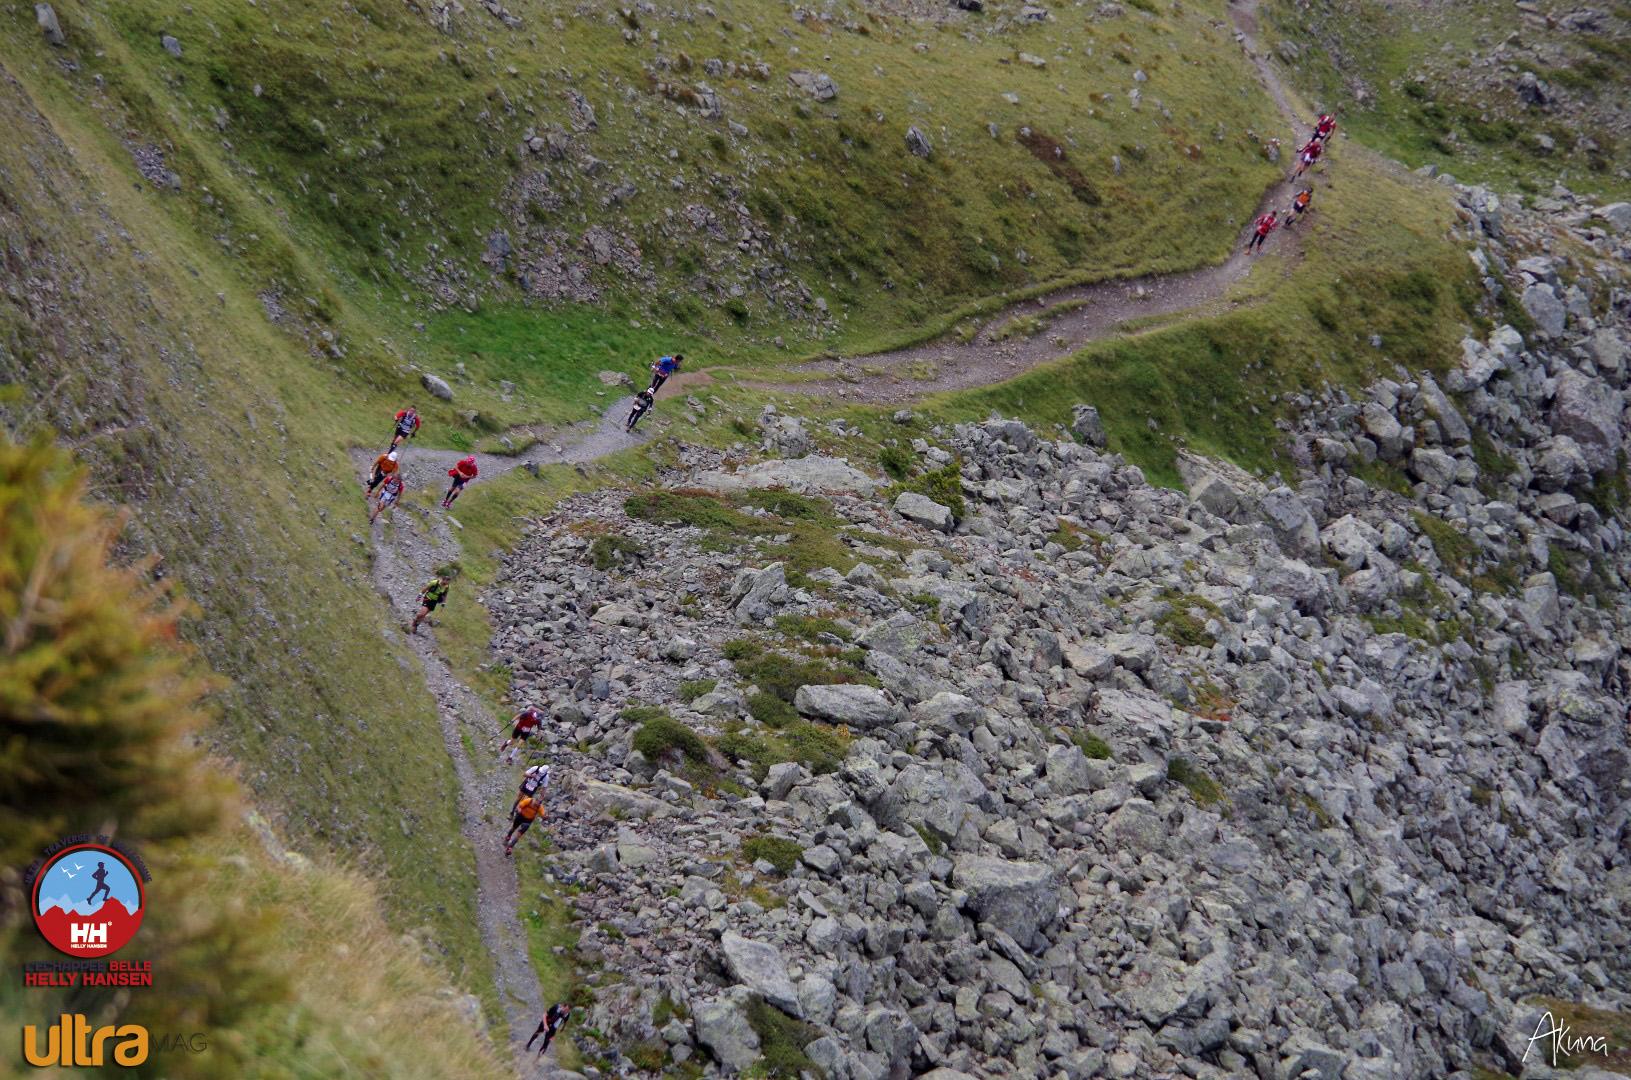 AKU9563 Large - ECHAPPEE BELLE-HELLY HANSEN 2014 : l'interview exclusive du vainqueur Sangé Sherpa (Alexandre Garin), résultats et photos.